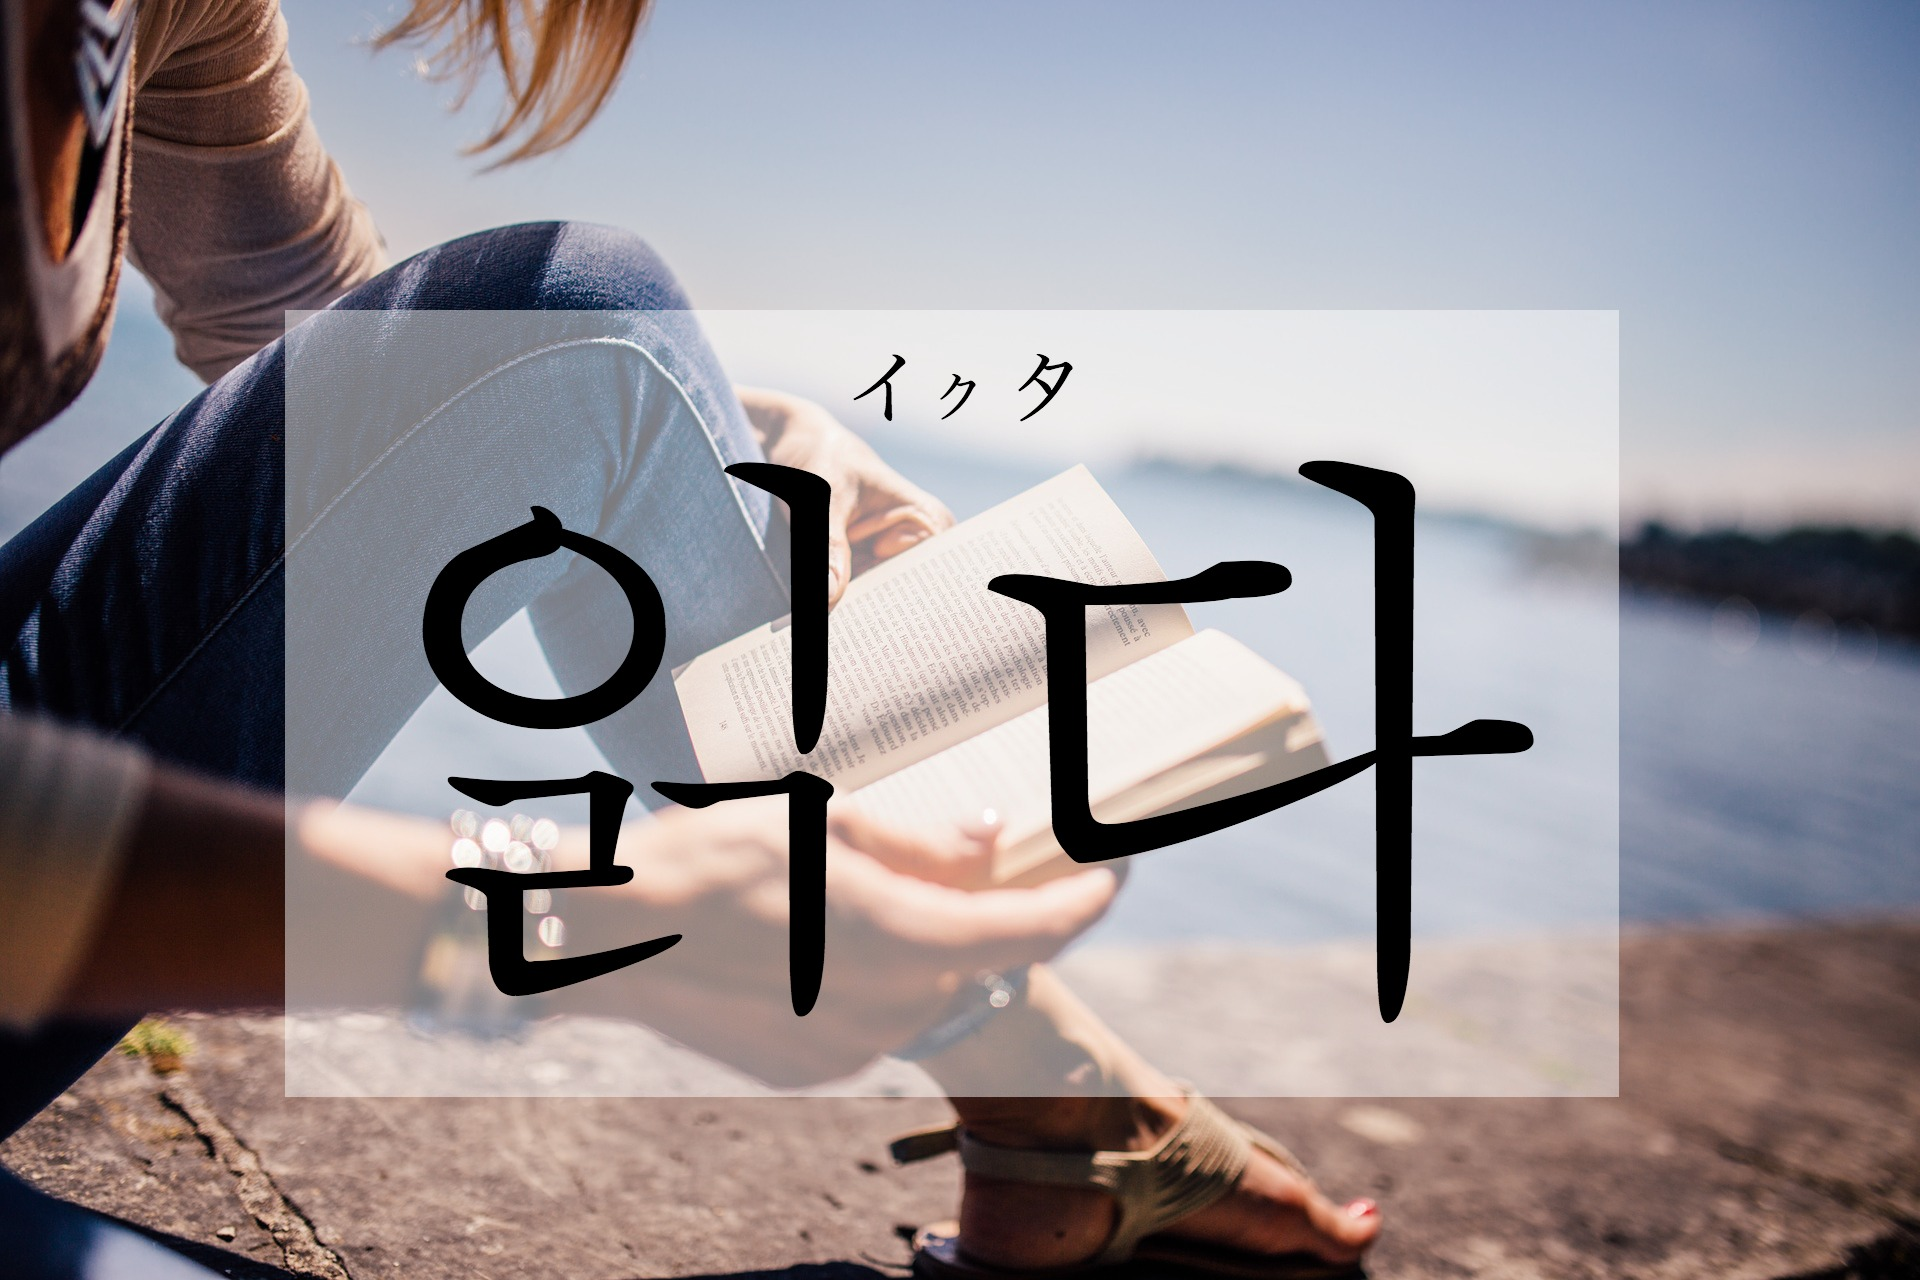 koreanword-read